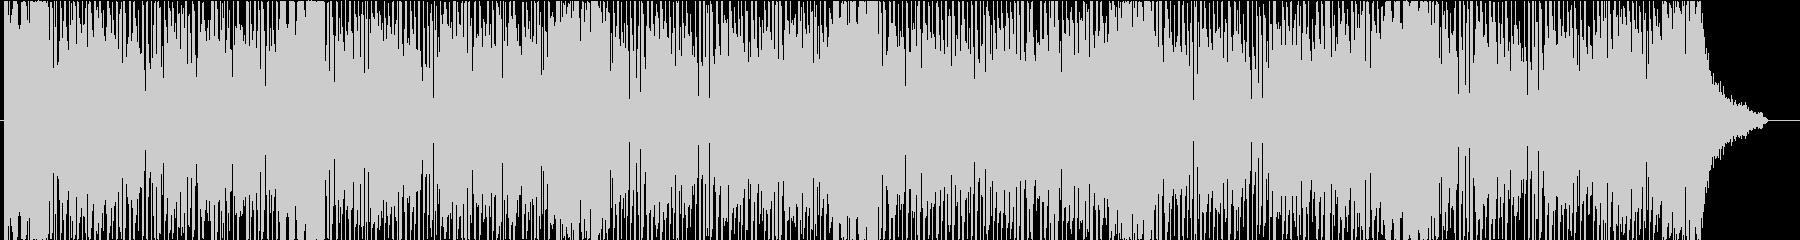 爽やかなドライブをイメージしたBGMの未再生の波形